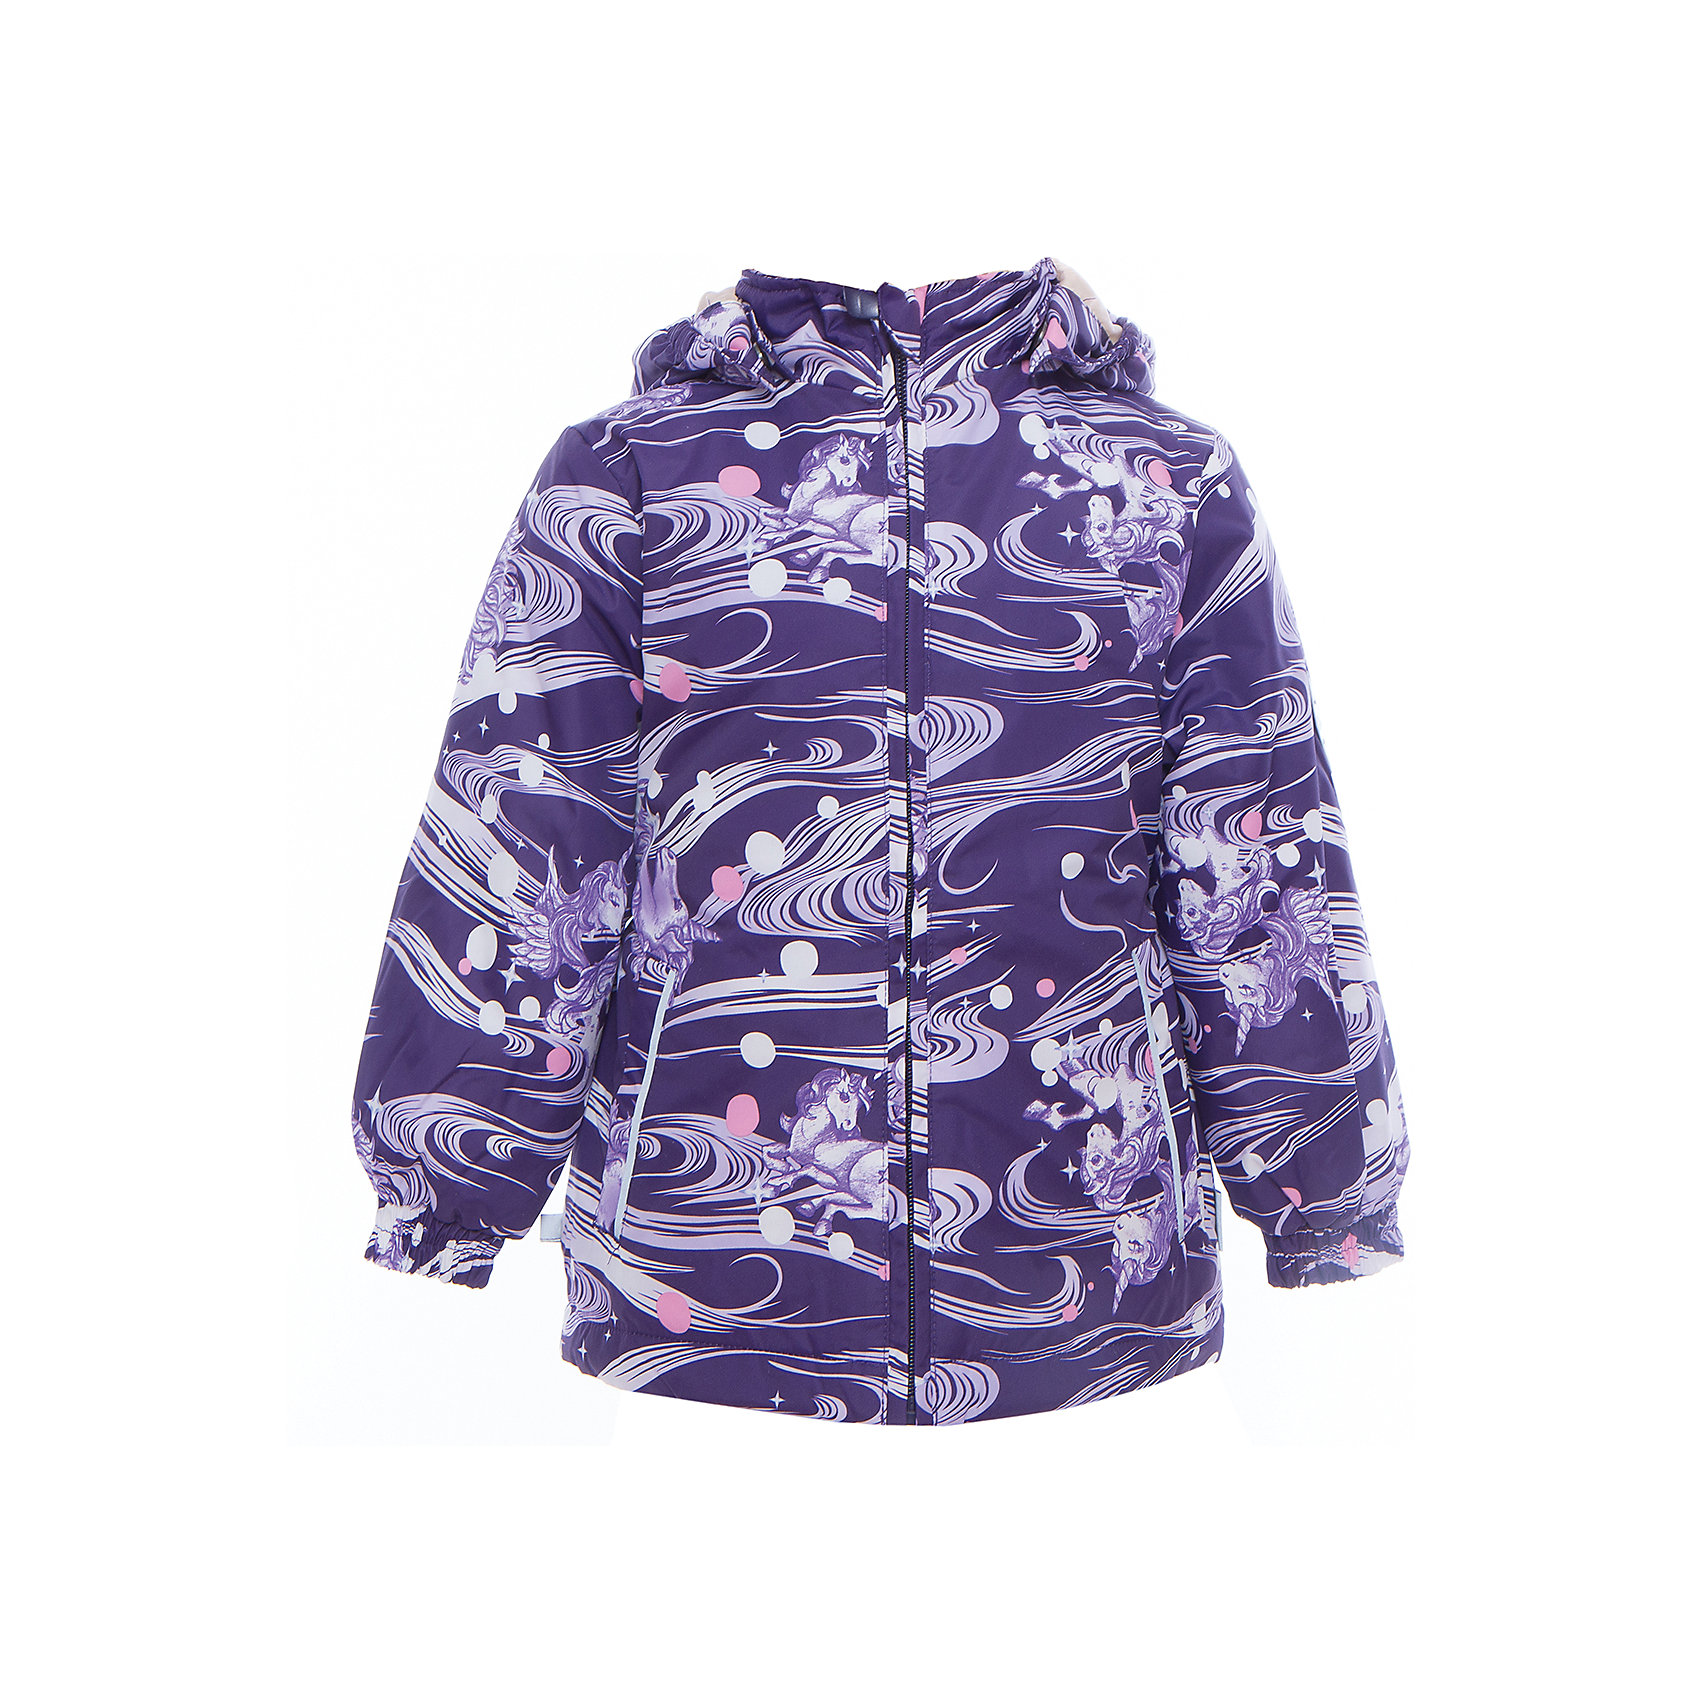 Куртка для девочки JOLY HuppaВерхняя одежда<br>Характеристики товара:<br><br>• цвет: тёмно-фиолетовый принт<br>• ткань: 100% полиэстер<br>• подкладка: тафта - 100% полиэстер<br>• утеплитель: 100% полиэстер 100 г<br>• температурный режим: от -5°С до +10°С<br>• водонепроницаемость: 5000 мм<br>• воздухопроницаемость: 5000 мм<br>• светоотражающие детали<br>• эластичные манжеты<br>• молния<br>• съёмный капюшон с резинкой<br>• карманы<br>• комфортная посадка<br>• коллекция: весна-лето 2017<br>• страна бренда: Эстония<br><br>Такая легкая и стильная куртка обеспечит детям тепло и комфорт. Она сделана из материала, отталкивающего воду, и дополнено подкладкой с утеплителем, поэтому изделие идеально подходит для межсезонья. Материал изделия - с мембранной технологией: защищая от влаги и ветра, он легко выводит лишнюю влагу наружу. Для удобства сделан капюшон. Куртка очень симпатично смотрится, яркая расцветка и крой добавляют ему оригинальности. Модель была разработана специально для детей.<br><br>Одежда и обувь от популярного эстонского бренда Huppa - отличный вариант одеть ребенка можно и комфортно. Вещи, выпускаемые компанией, качественные, продуманные и очень удобные. Для производства изделий используются только безопасные для детей материалы. Продукция от Huppa порадует и детей, и их родителей!<br><br>Куртку для девочки JOLY от бренда Huppa (Хуппа) можно купить в нашем интернет-магазине.<br><br>Ширина мм: 356<br>Глубина мм: 10<br>Высота мм: 245<br>Вес г: 519<br>Цвет: розовый<br>Возраст от месяцев: 18<br>Возраст до месяцев: 24<br>Пол: Женский<br>Возраст: Детский<br>Размер: 92,134,98,104,110,116,122,128<br>SKU: 5346829